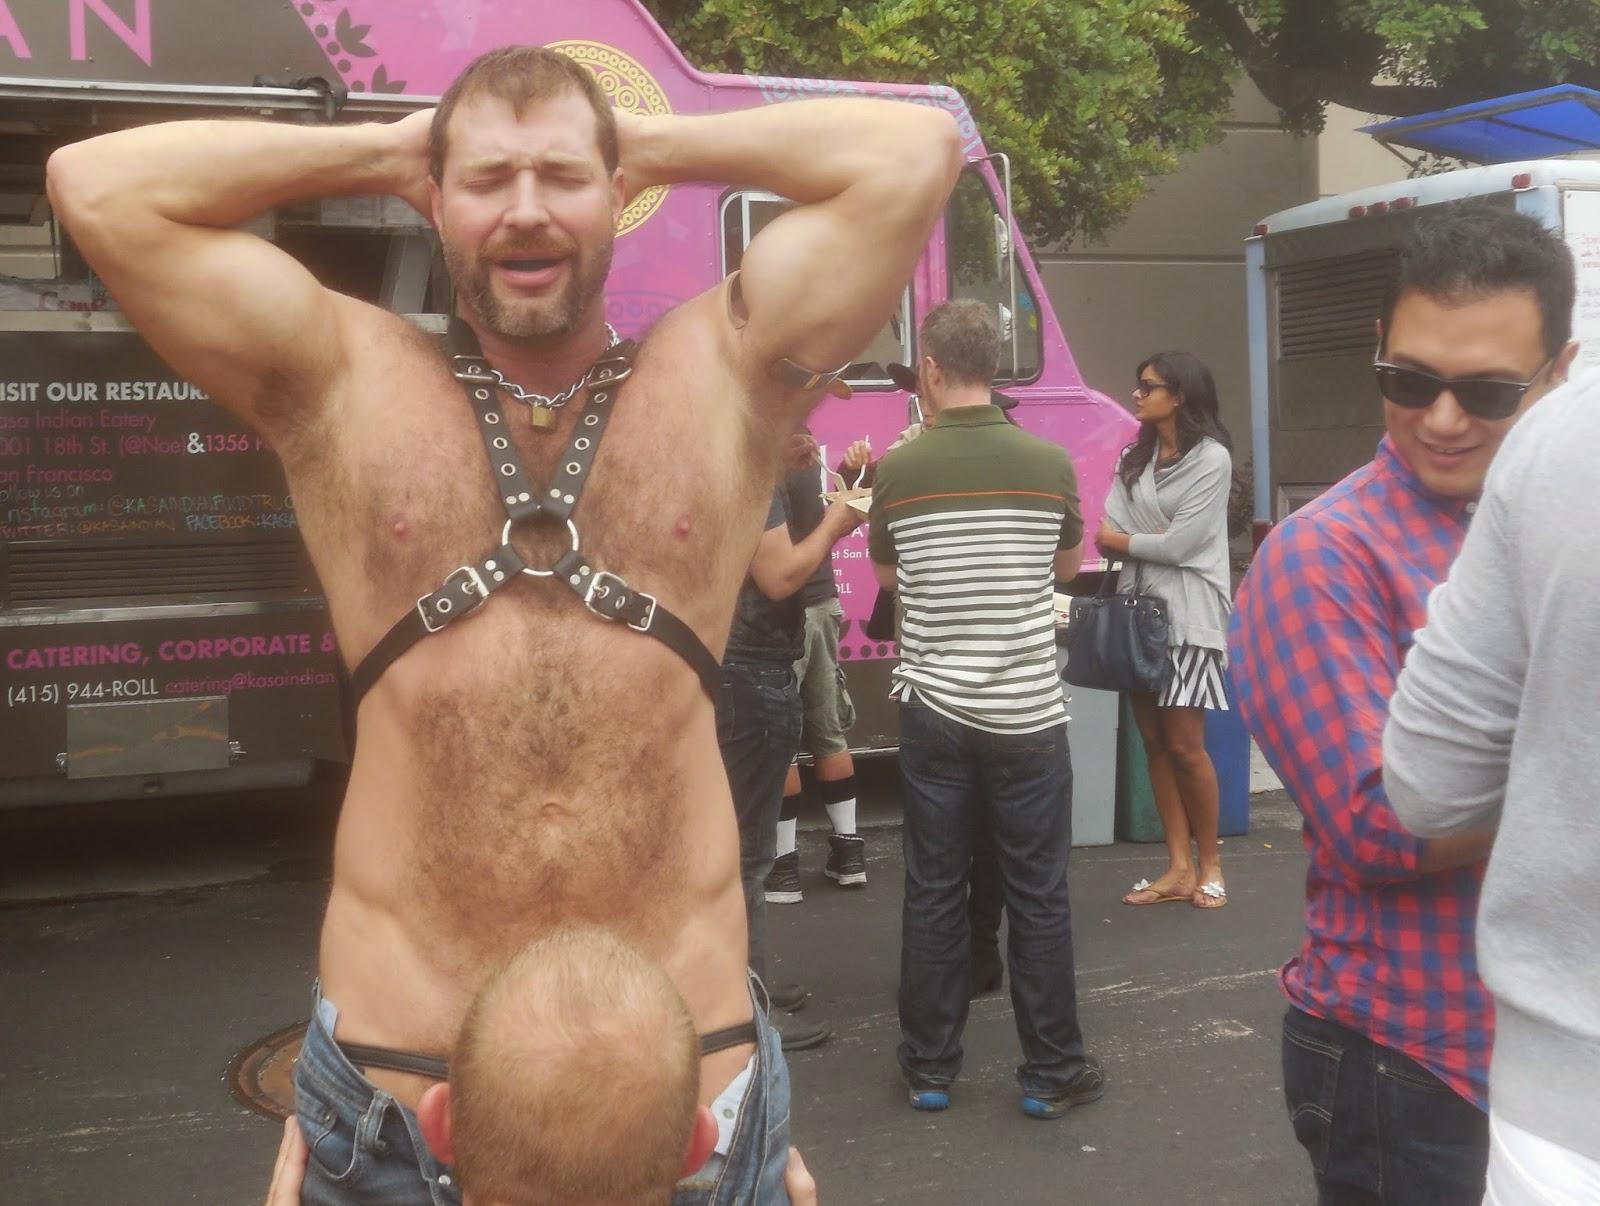 Folsom street fair sex videos